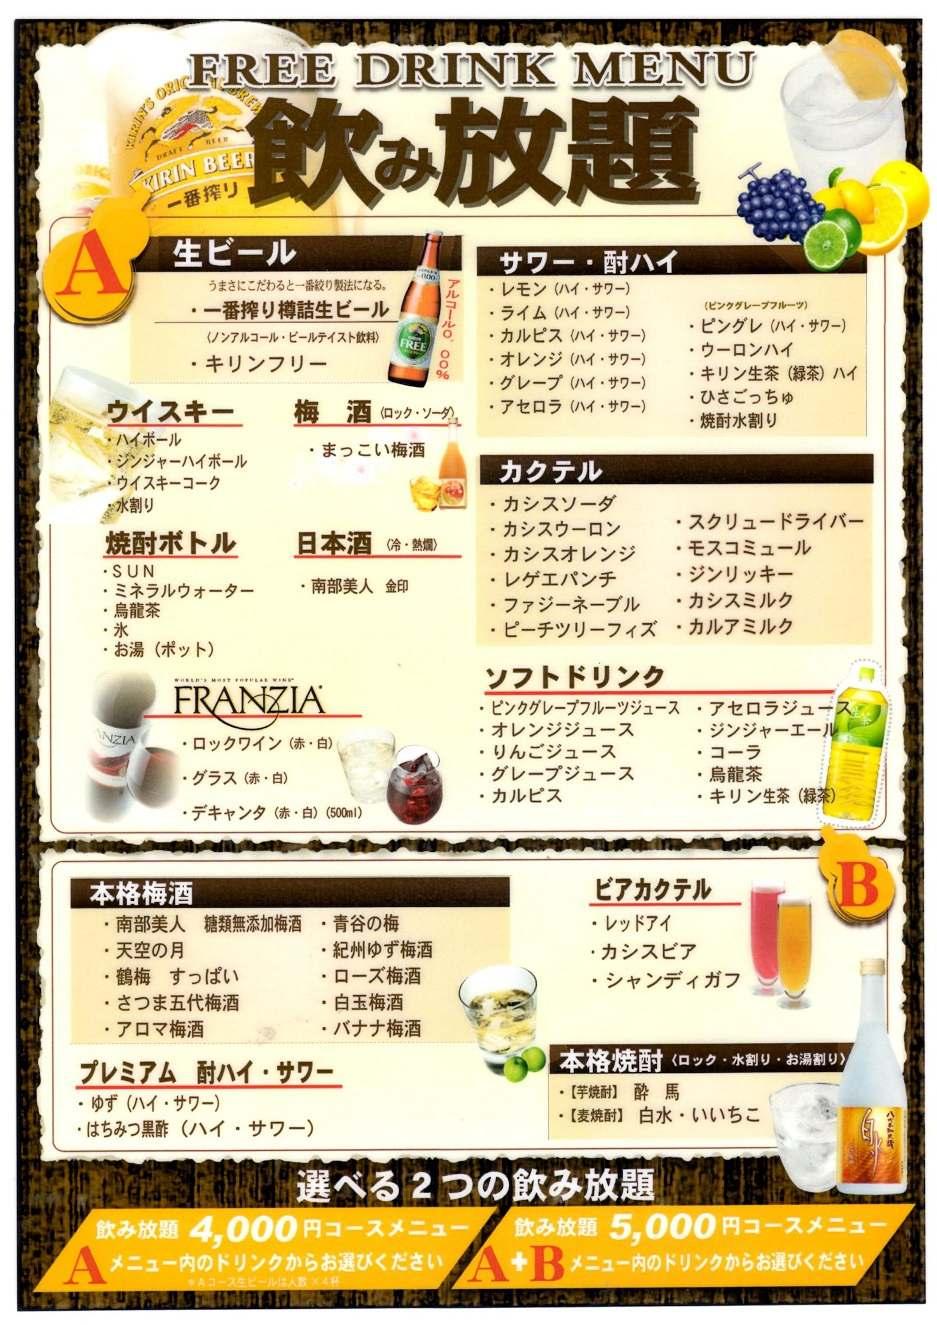 二戸居酒屋瓢飲み放題メニュー表